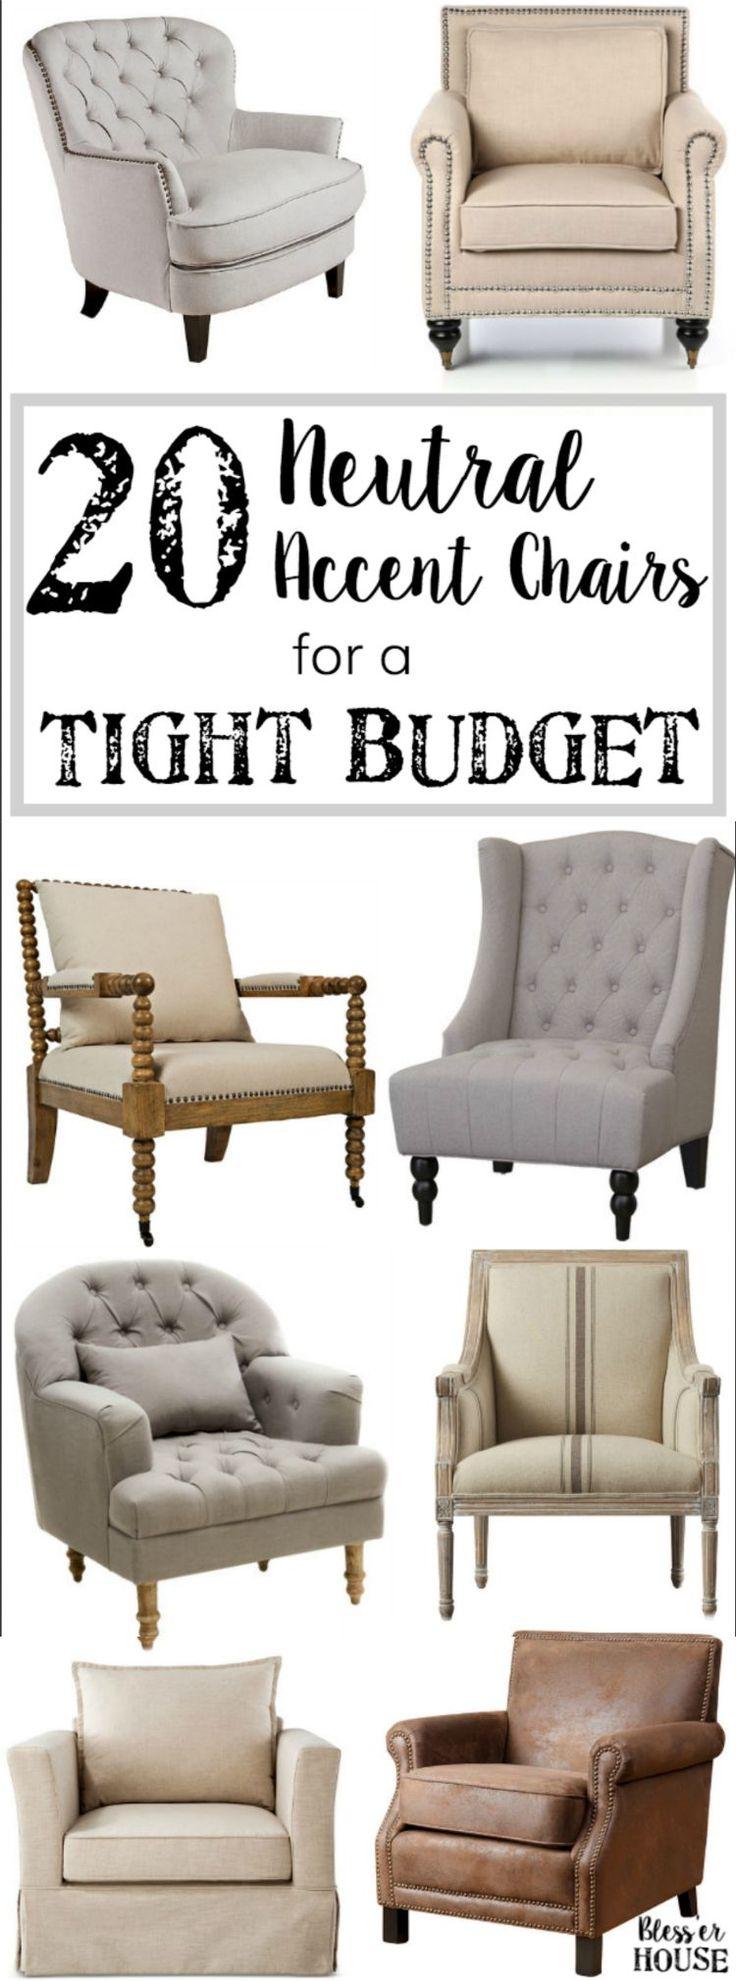 3011 best Chairs! images on Pinterest | Stühle, Armlehnen und Möbelideen